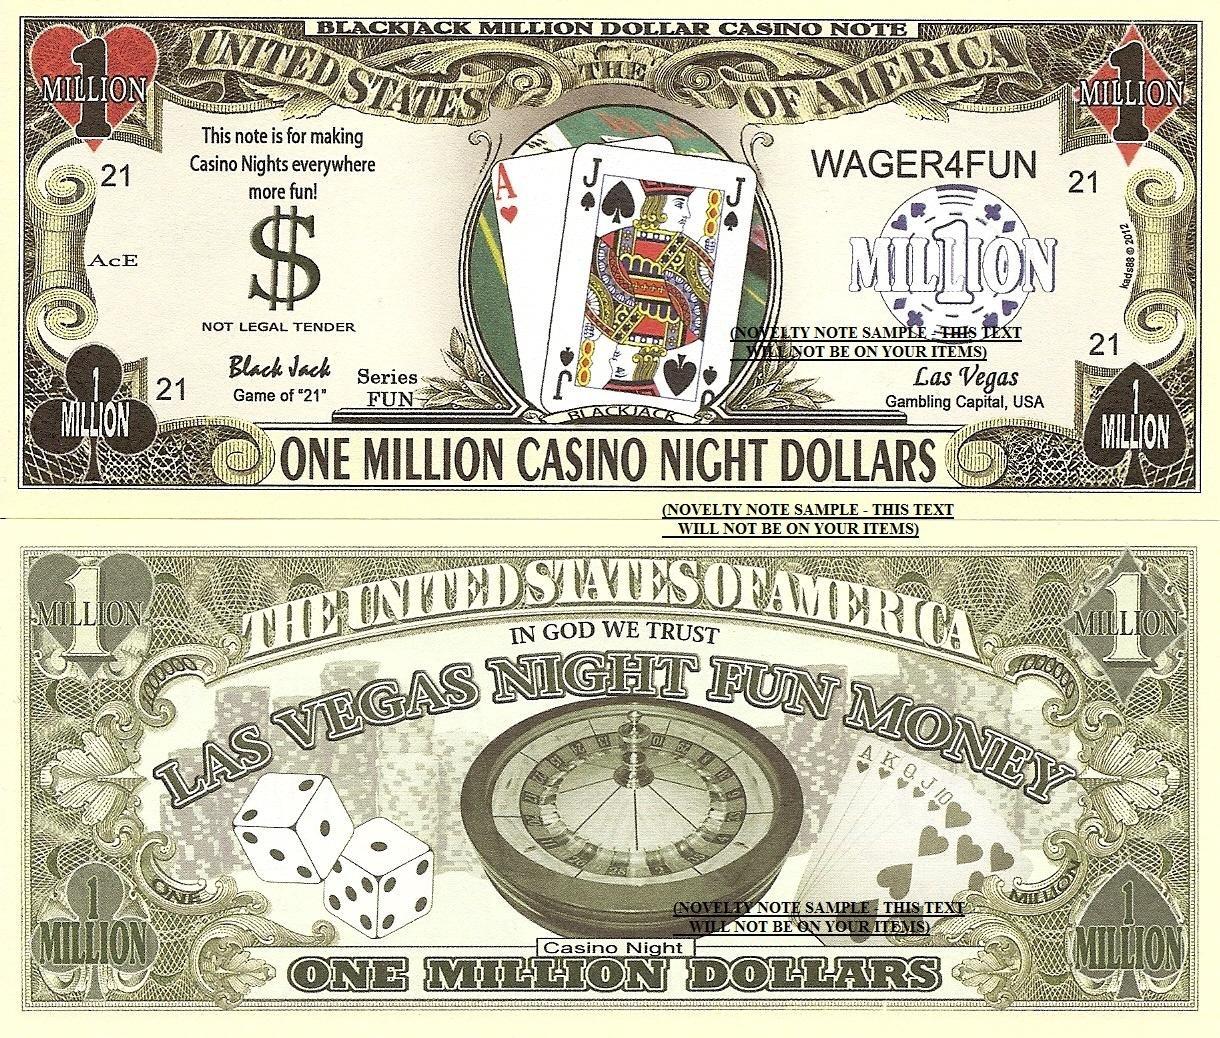 Blackjack One Million Casino Night Dollar Bills x 4 Las Vegas Fun Money Notes 21